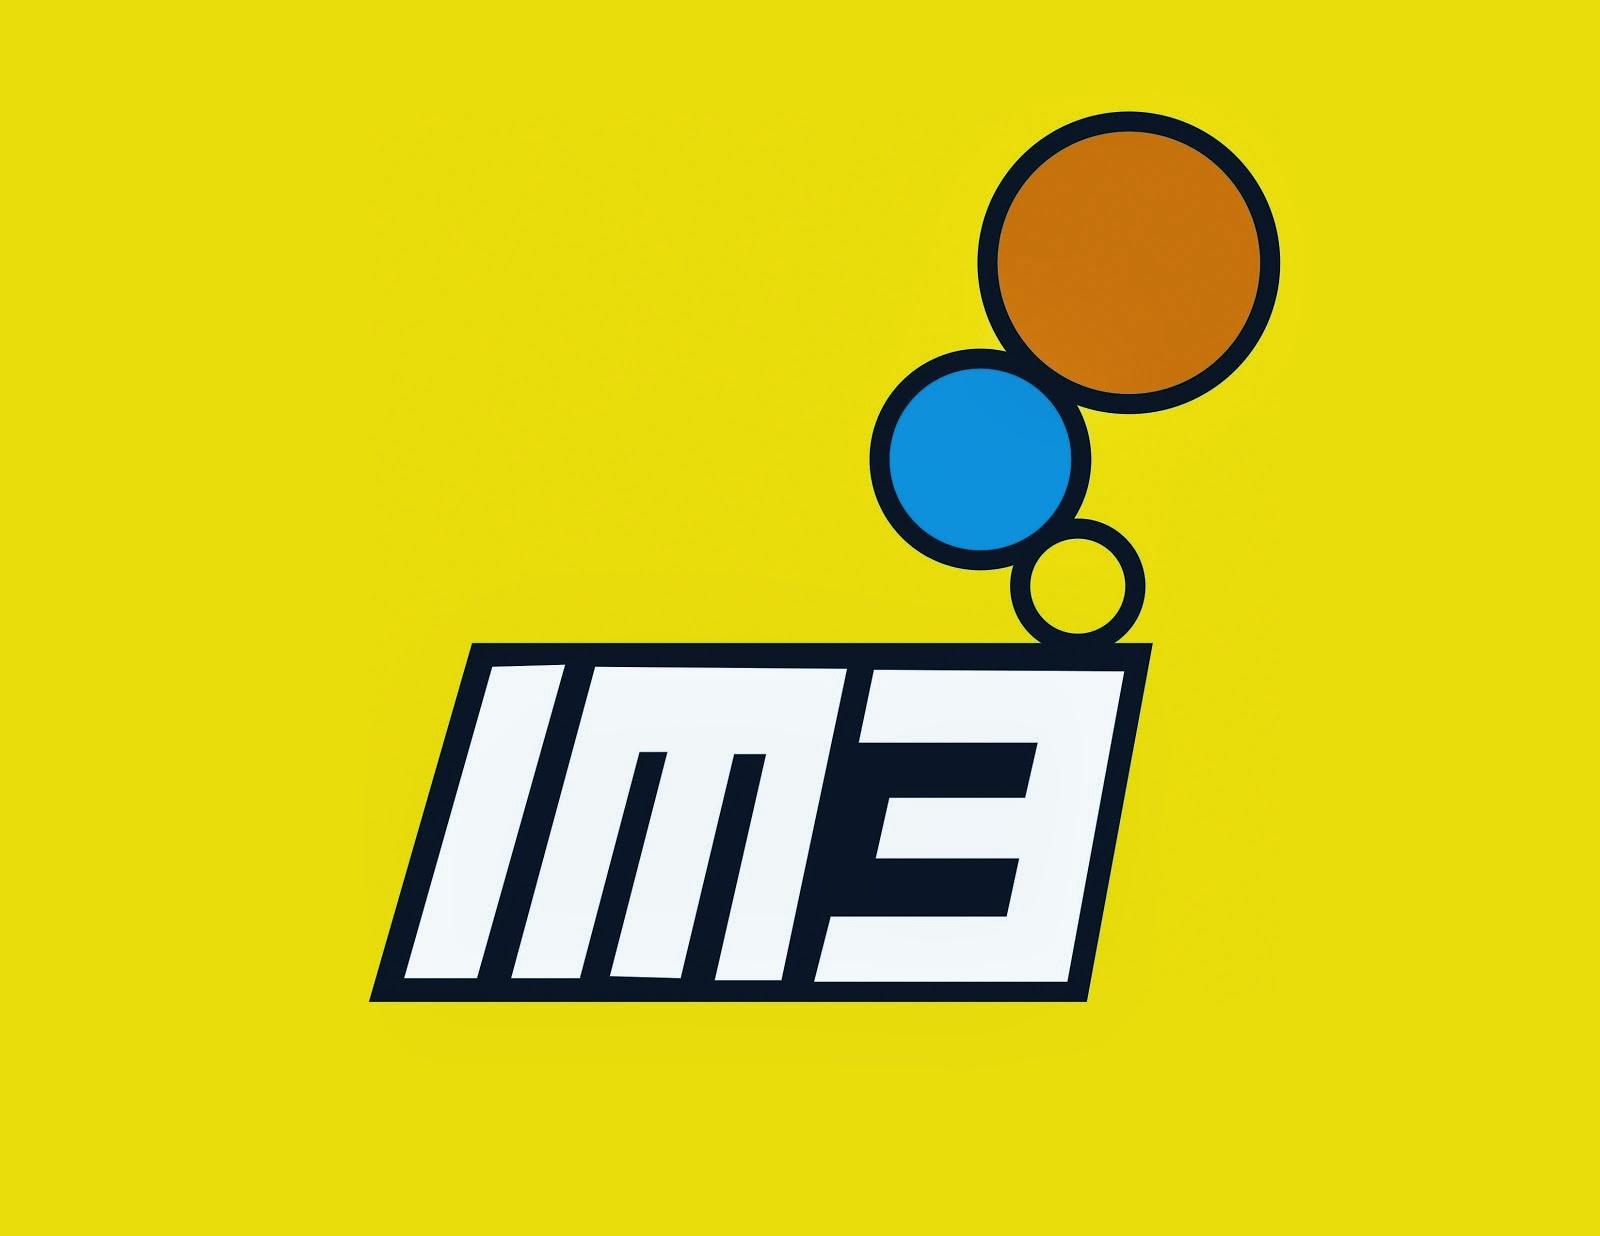 Cara Amp Daftar Harga Paket Internet IM3 Terbaru Oktober